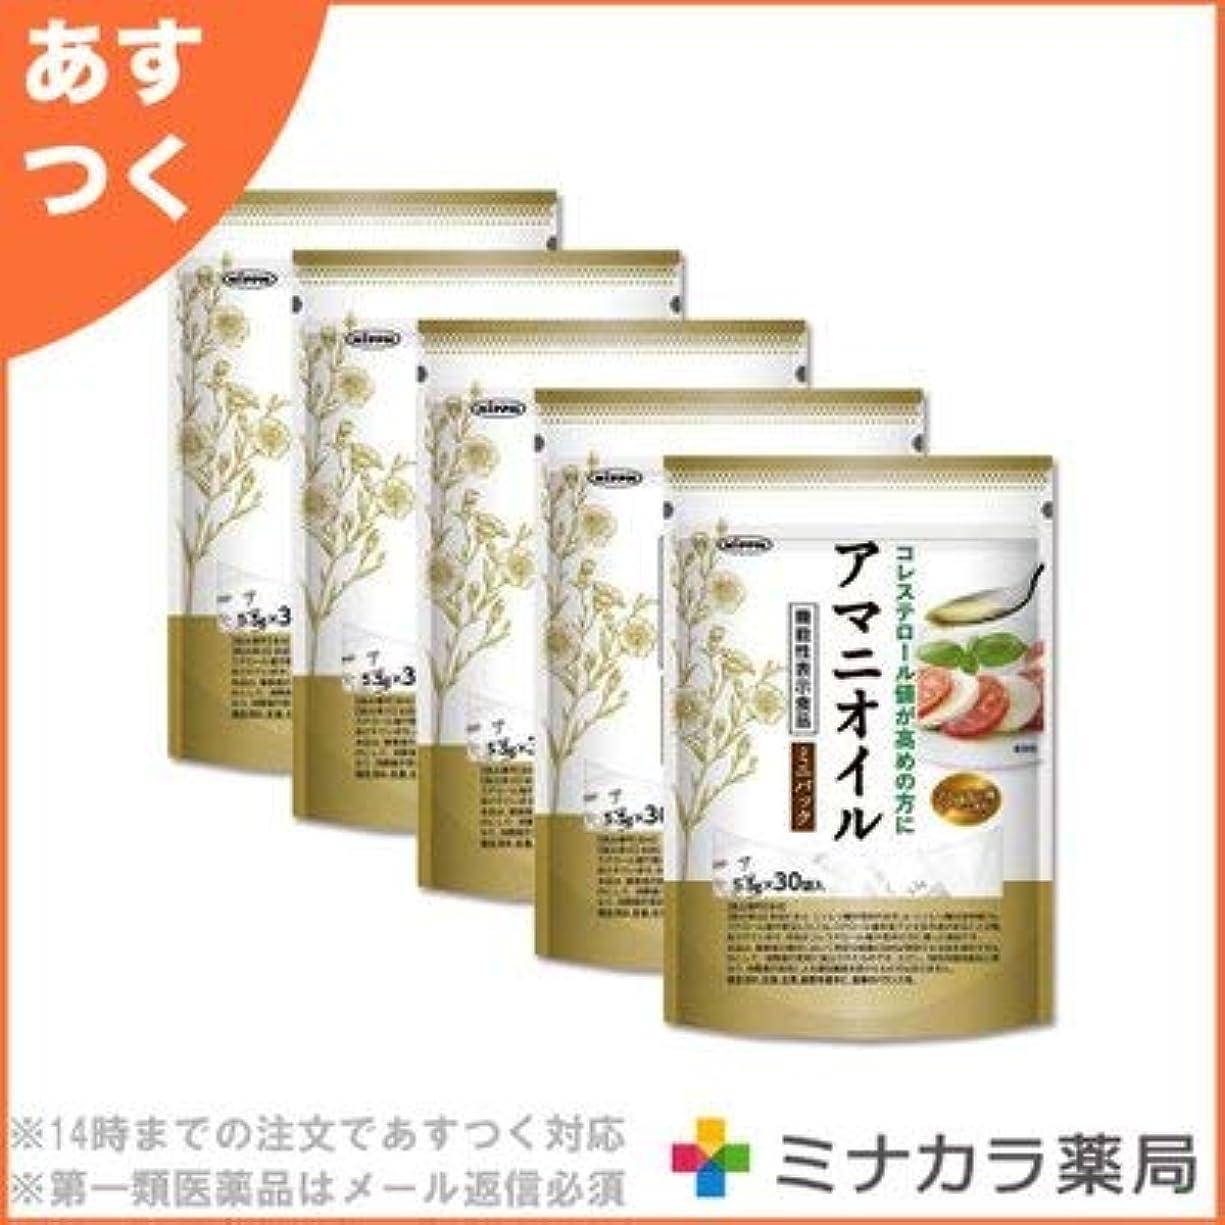 誘惑するソファー落ち着かない日本製粉 アマニオイル ミニパック 5.5g×30 (機能性表示食品)×5個セット